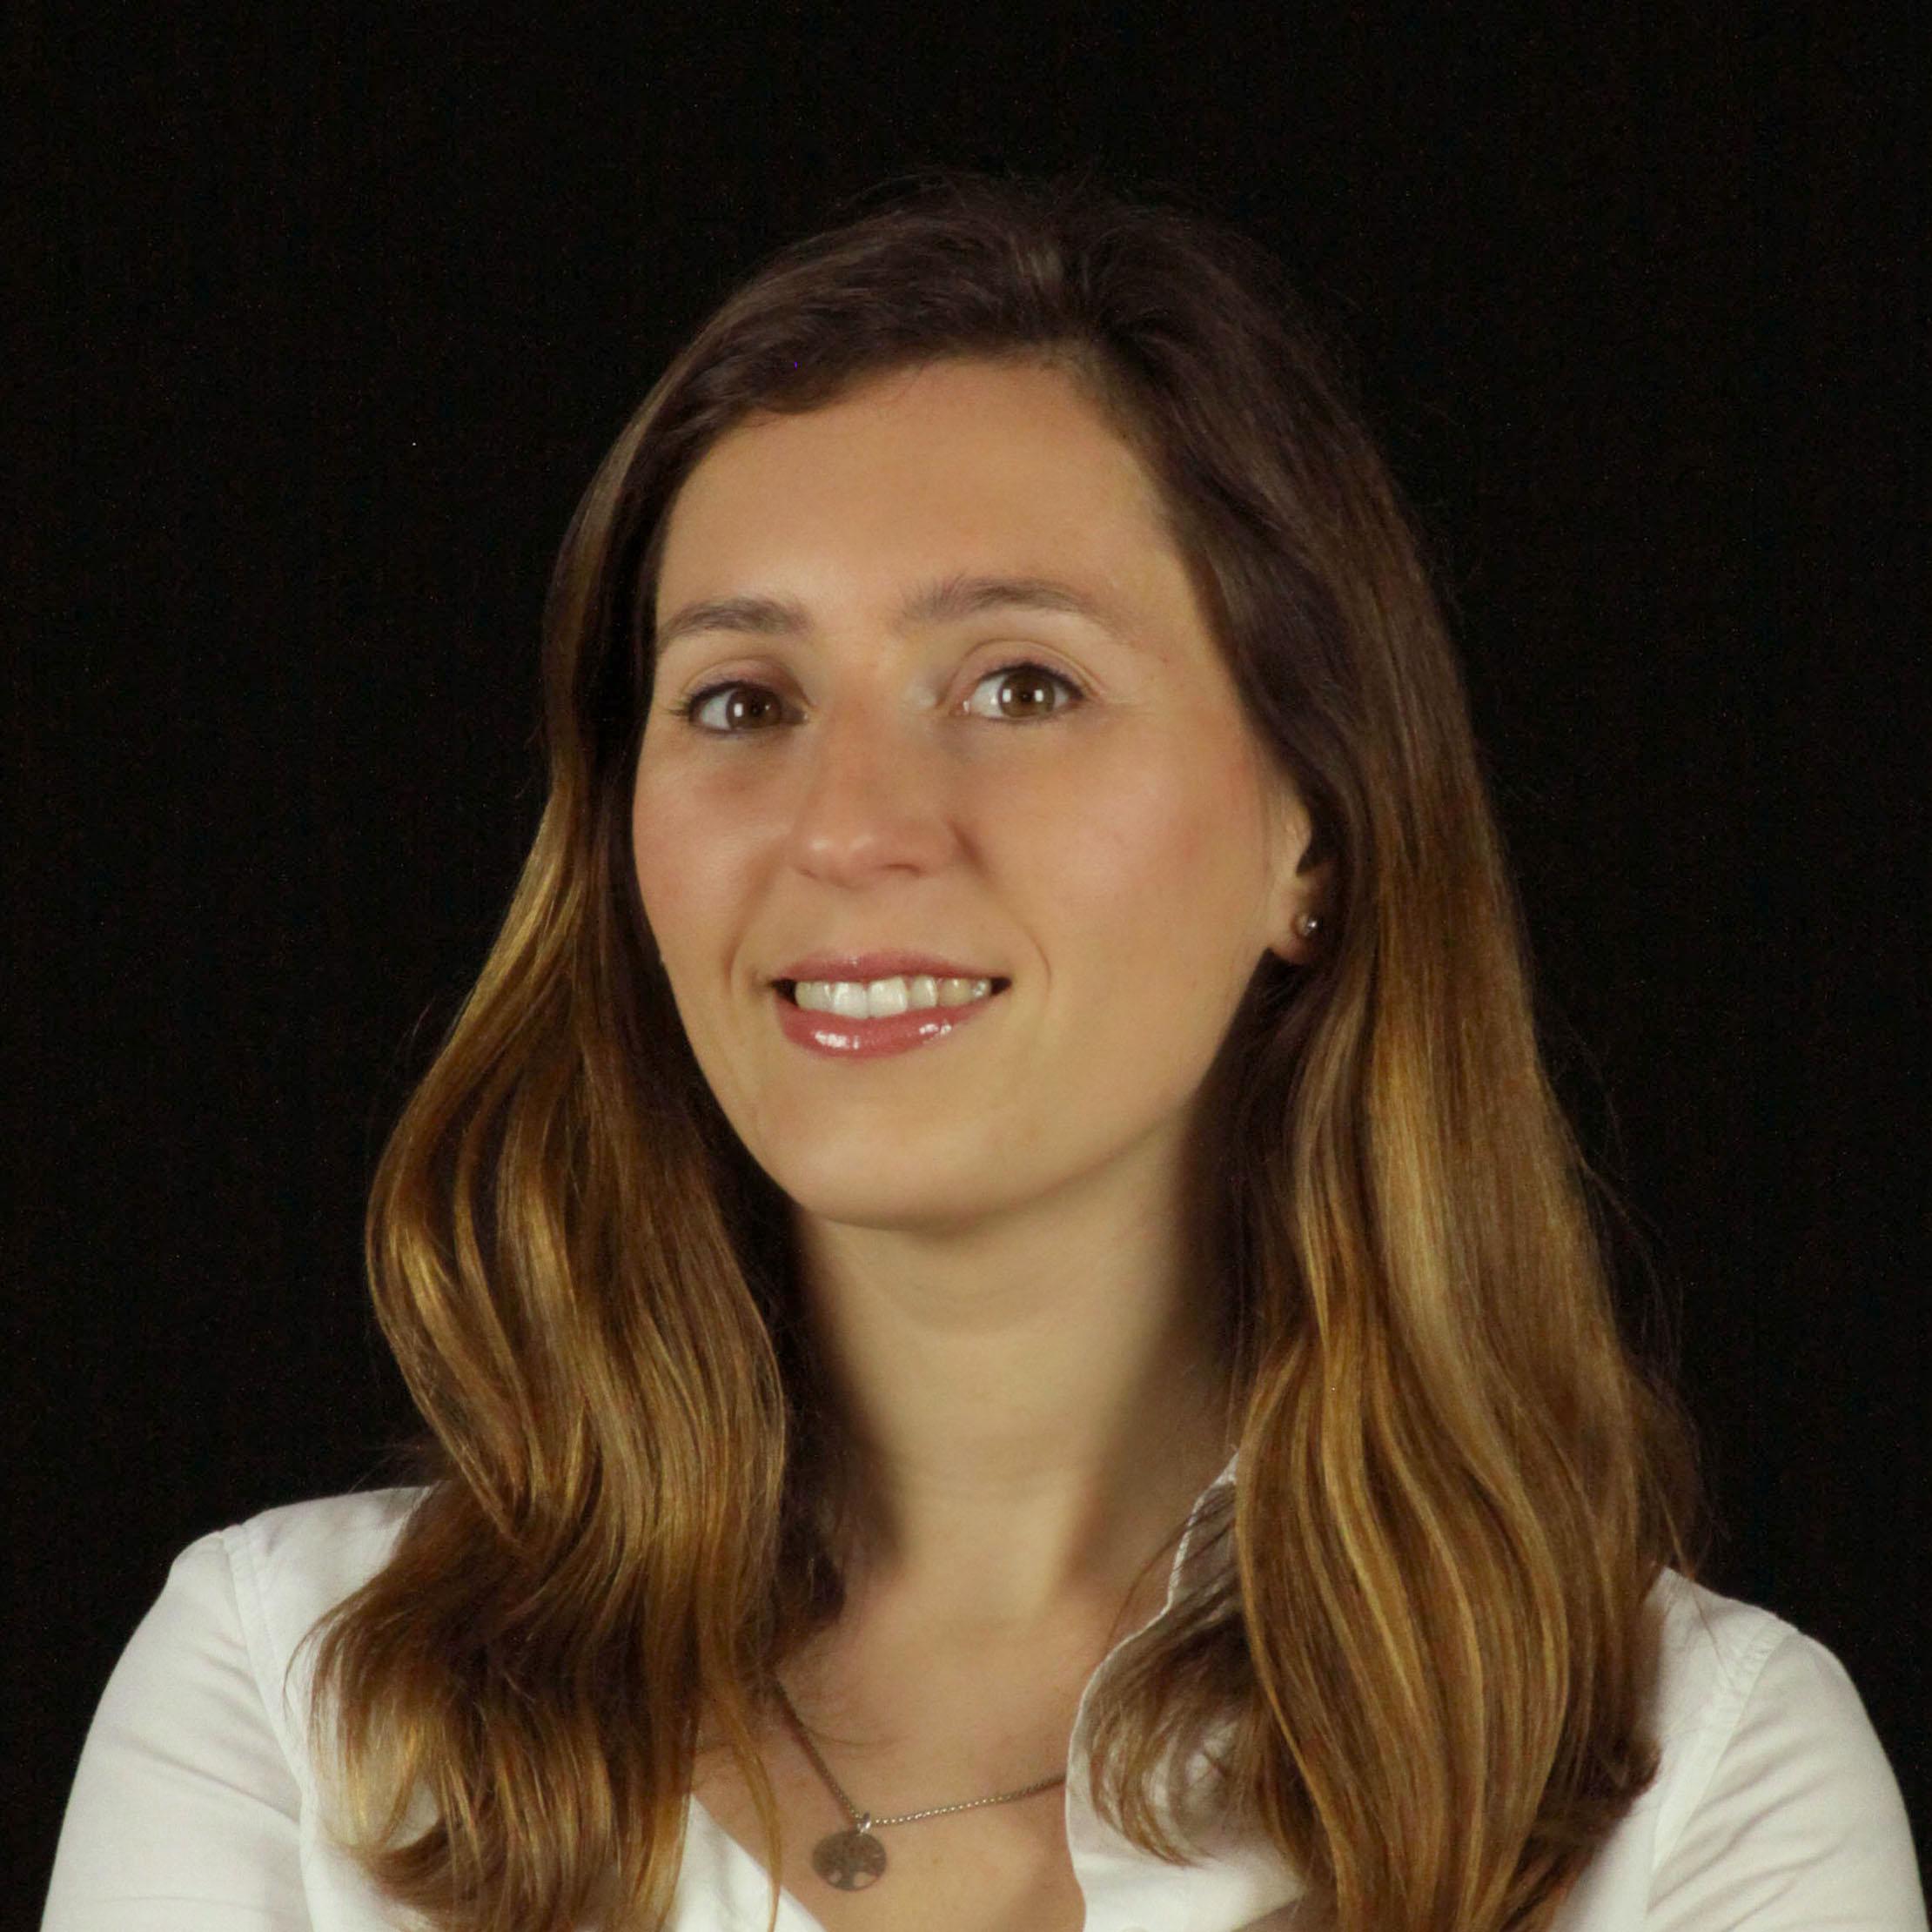 Joana Antonio